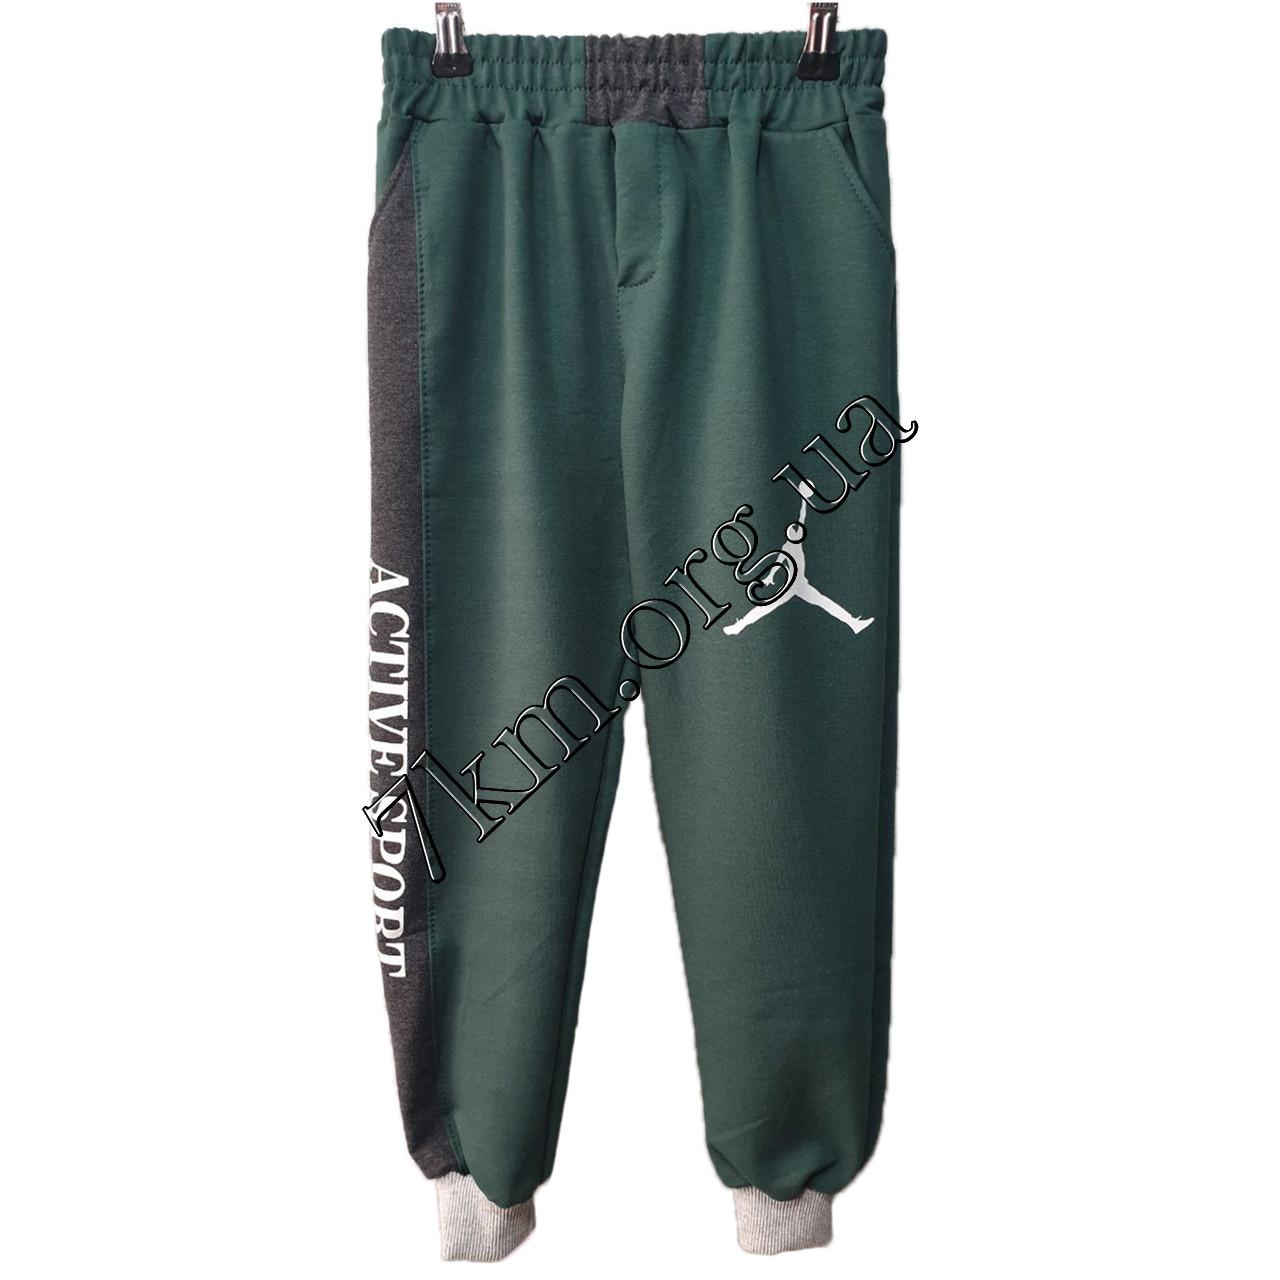 Спортивные штаны для мальчиков 2-6 лет Оптом 140702